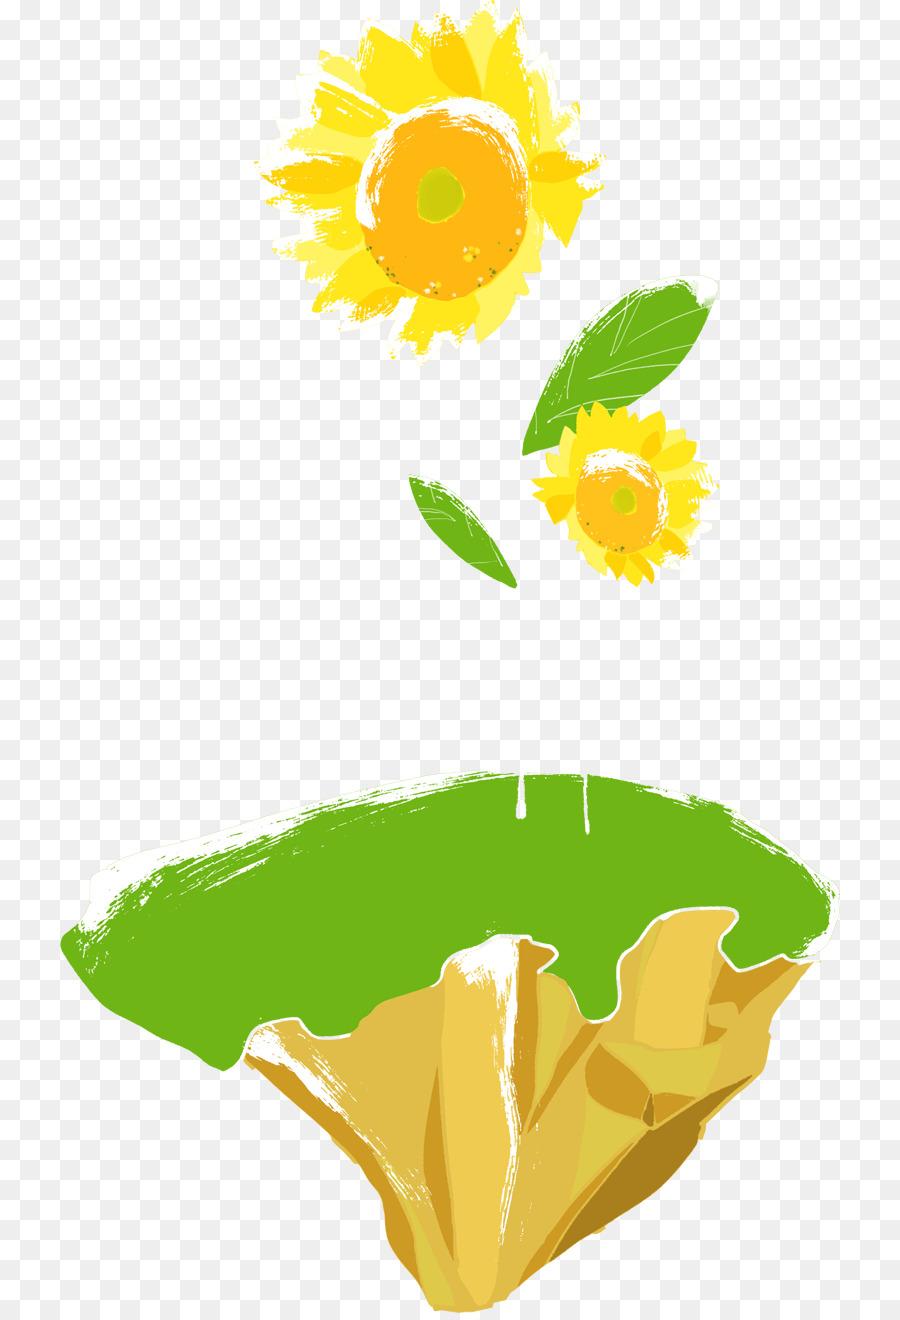 Ada Suluboya Yeşil Küçük Resim Boyama Yeşil Yüzen Ada Png Indir